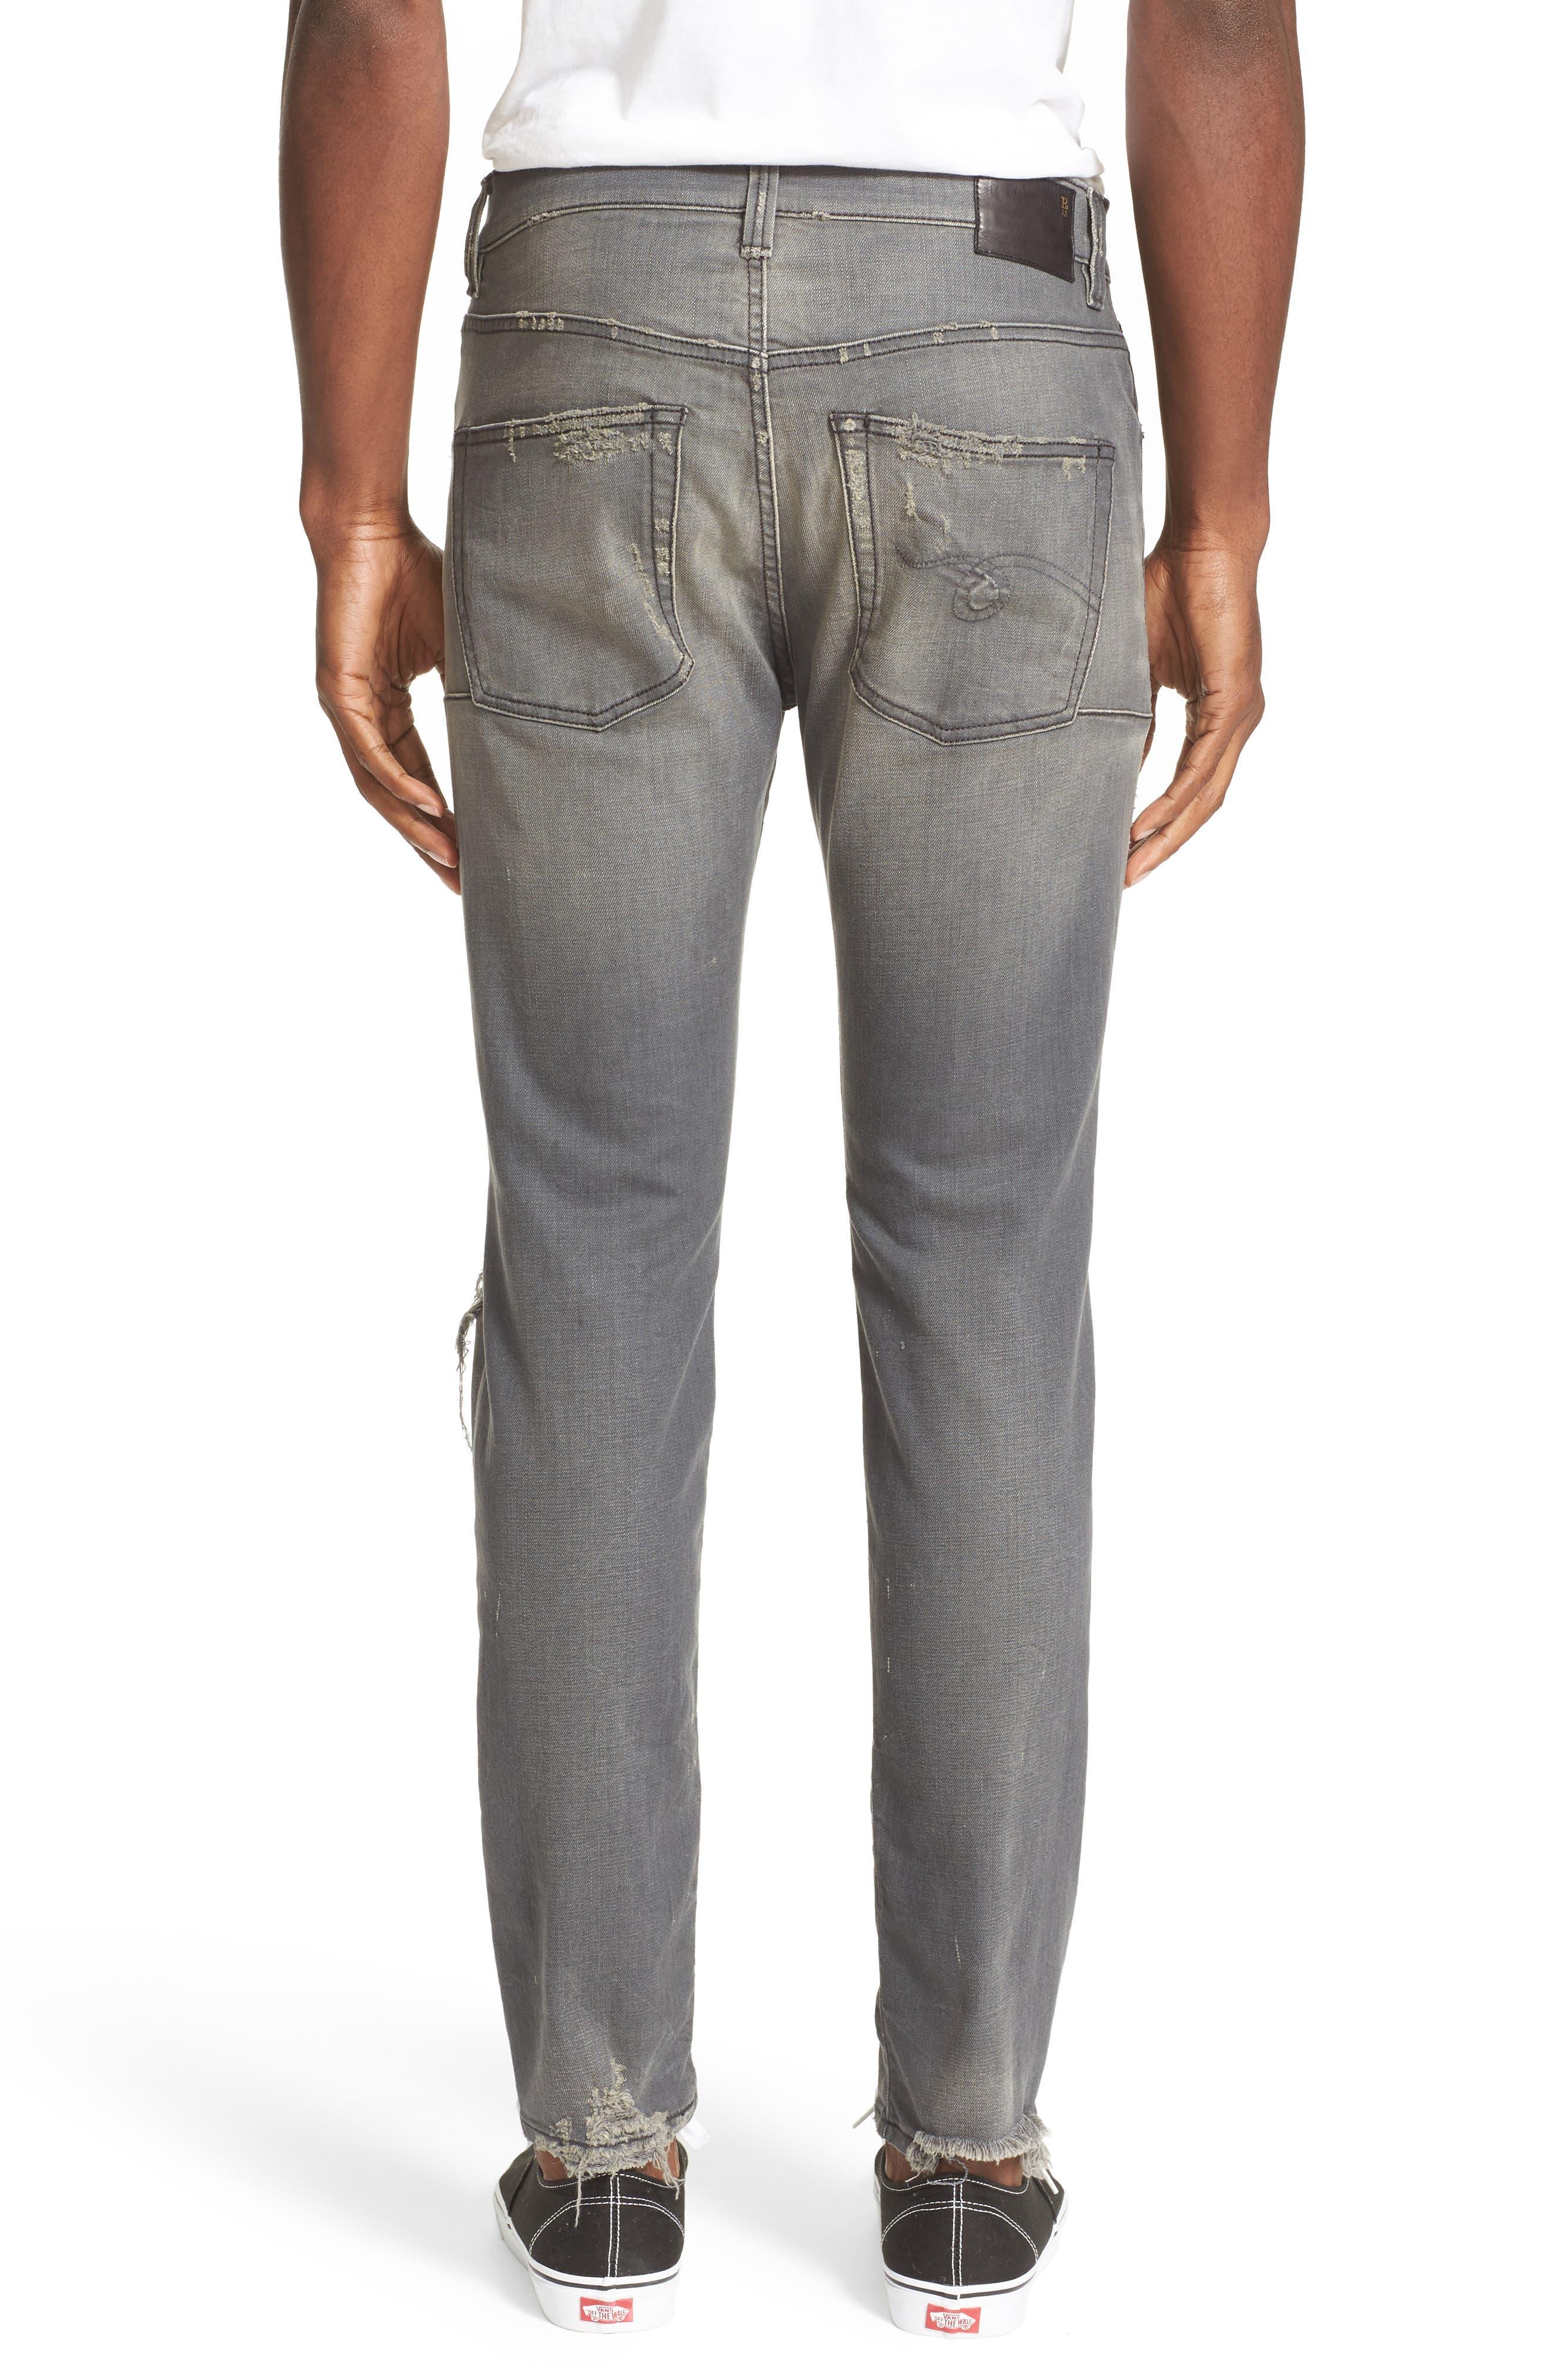 Skate Shredded Skinny Jeans,                             Alternate thumbnail 2, color,                             020